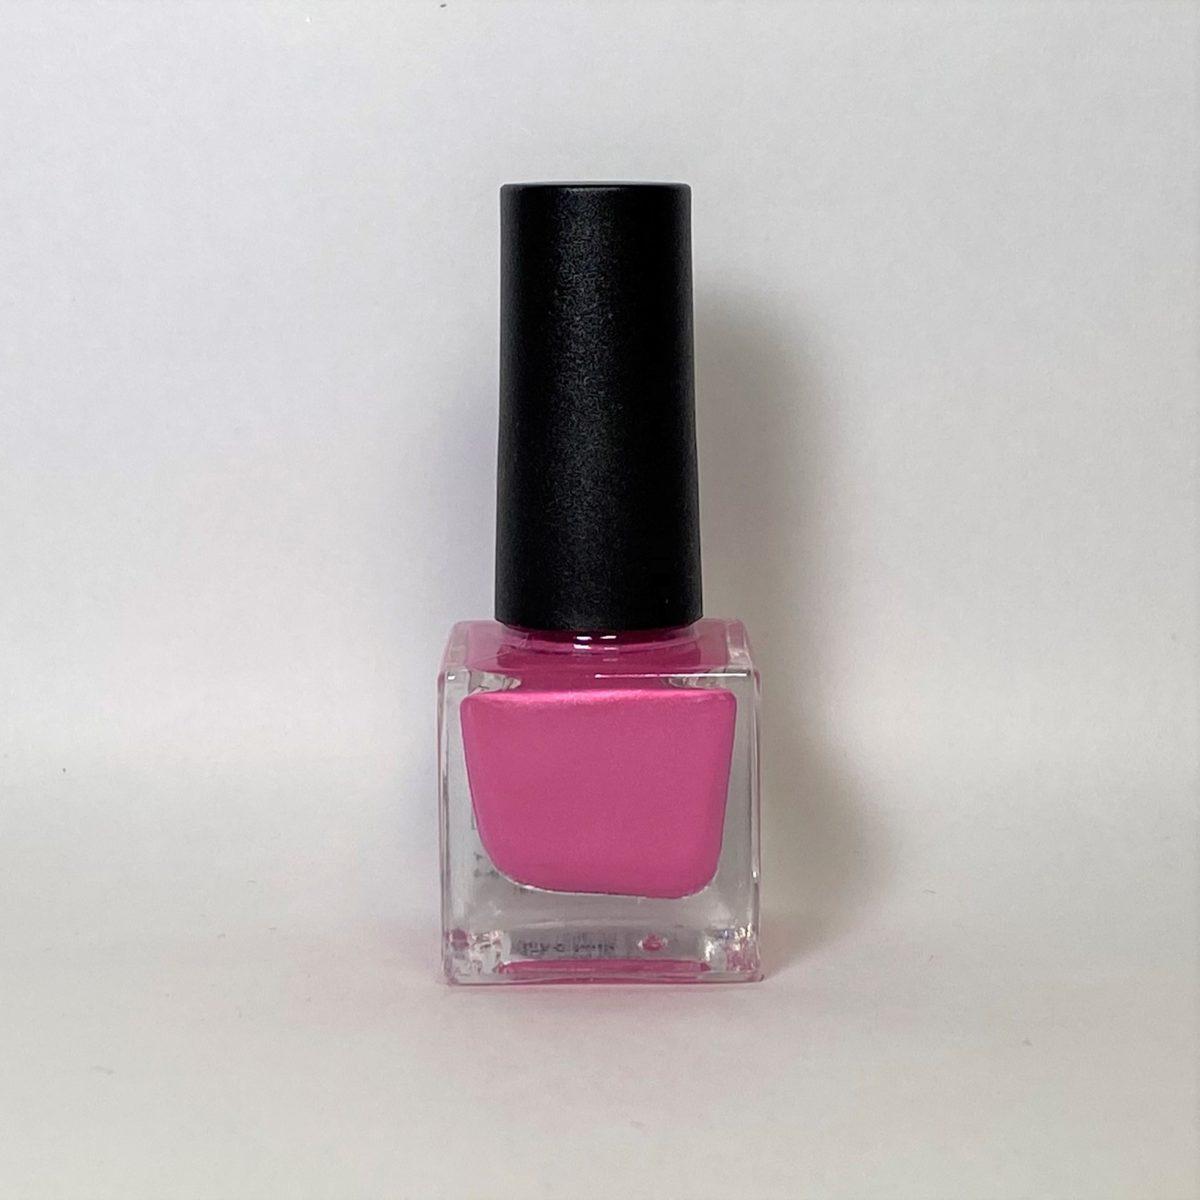 ネイルポリッシュ R10 Pink